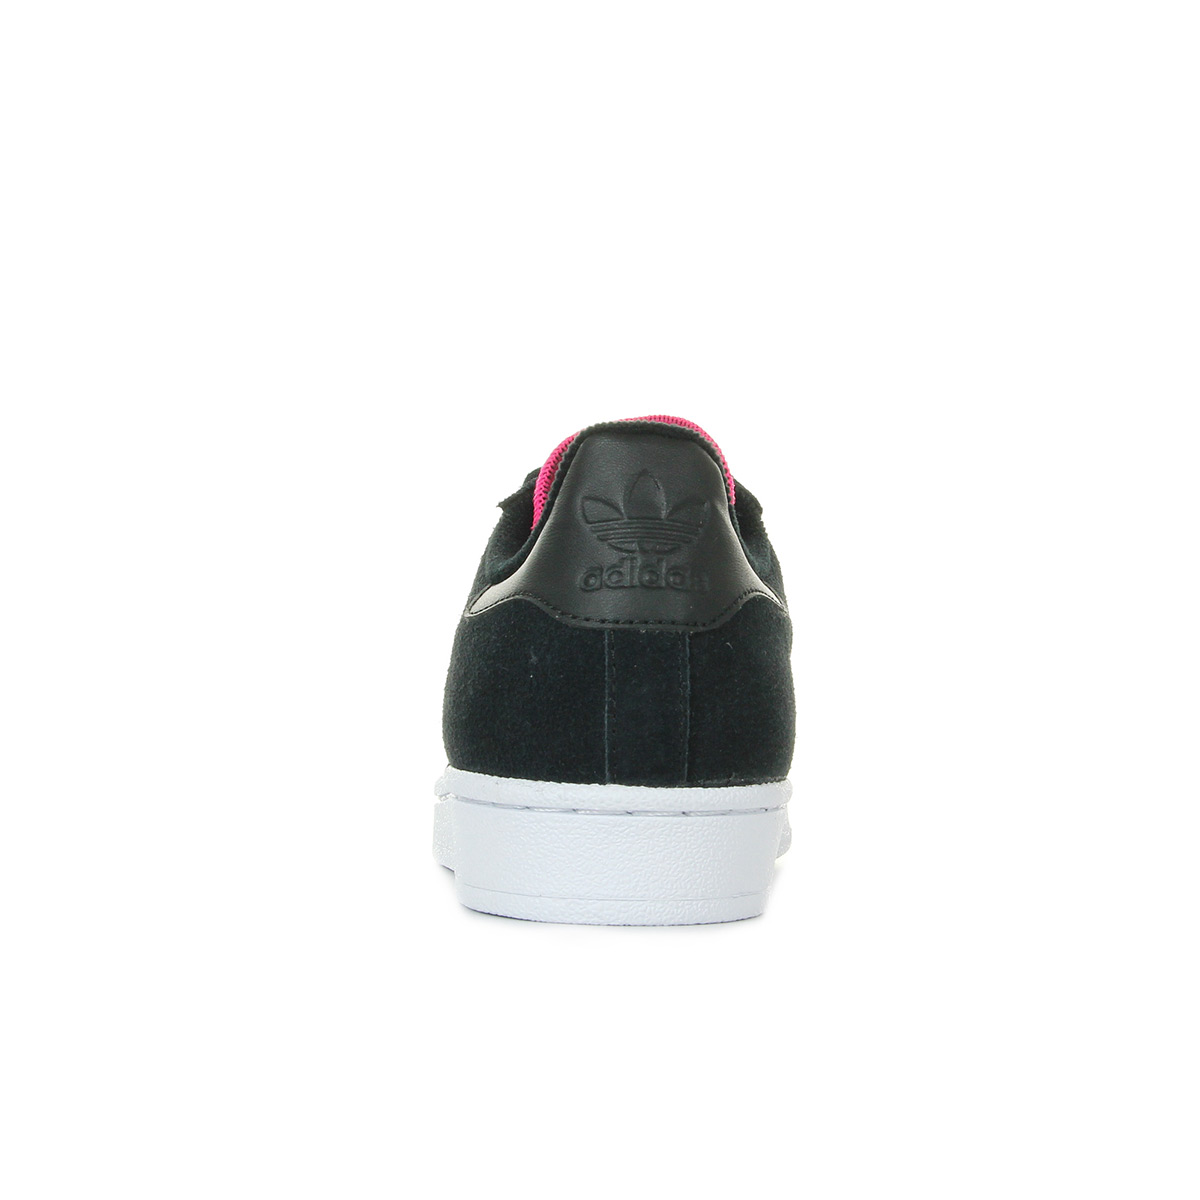 on sale 49f6d 735dc ... adidas Superstar CG3780, Baskets mode femme ...